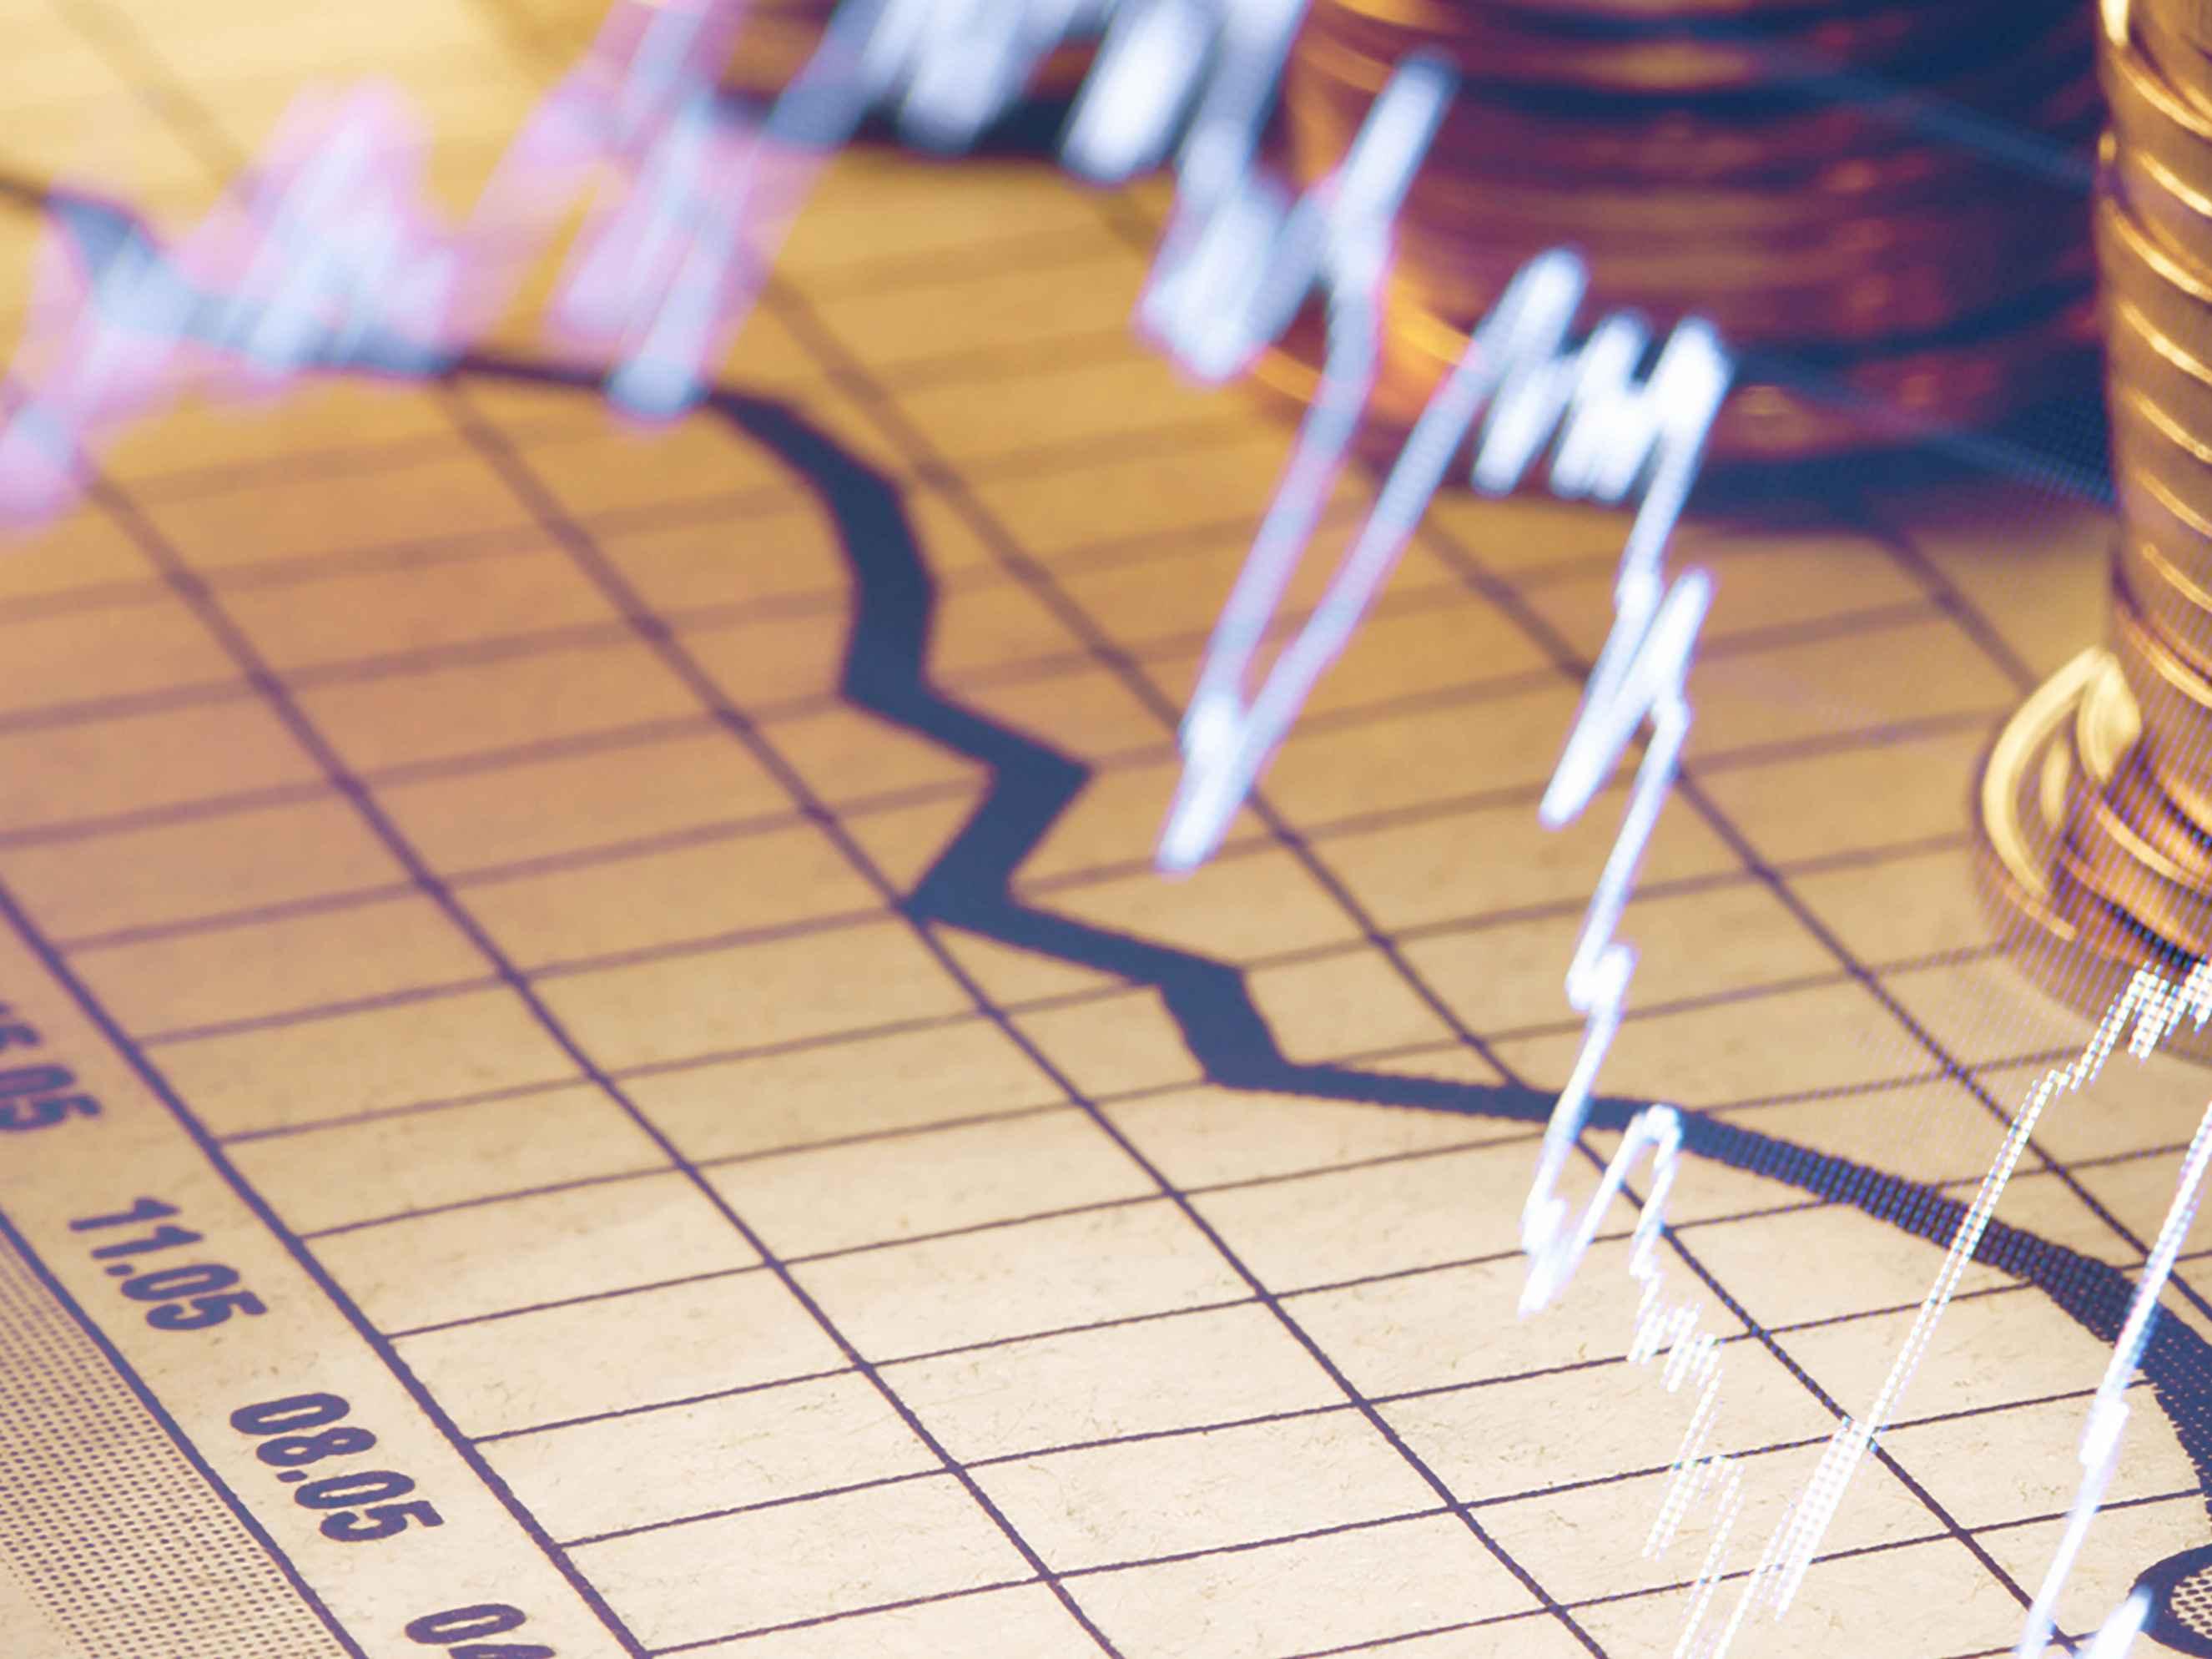 张锦灿:产业周期与资本运作